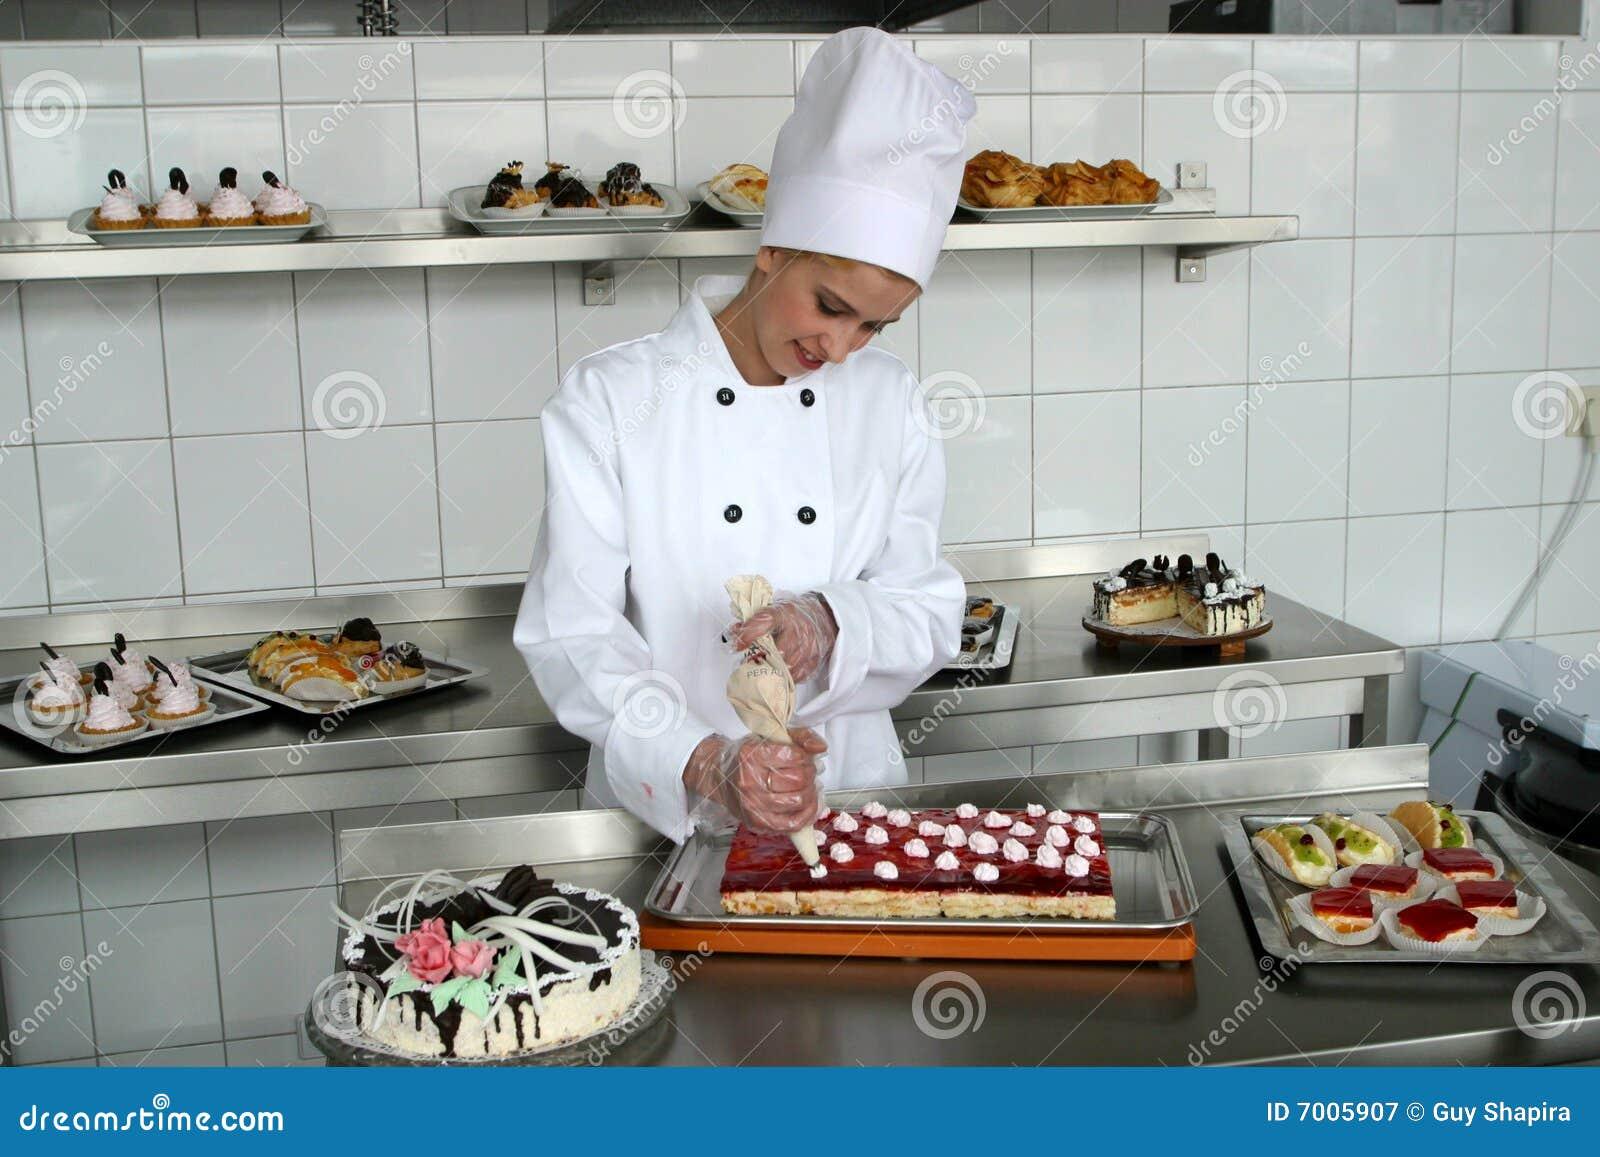 Cake Pan Bakeins 14 Quot X 10 Quot Lasagna Roasting Pan Ecolution